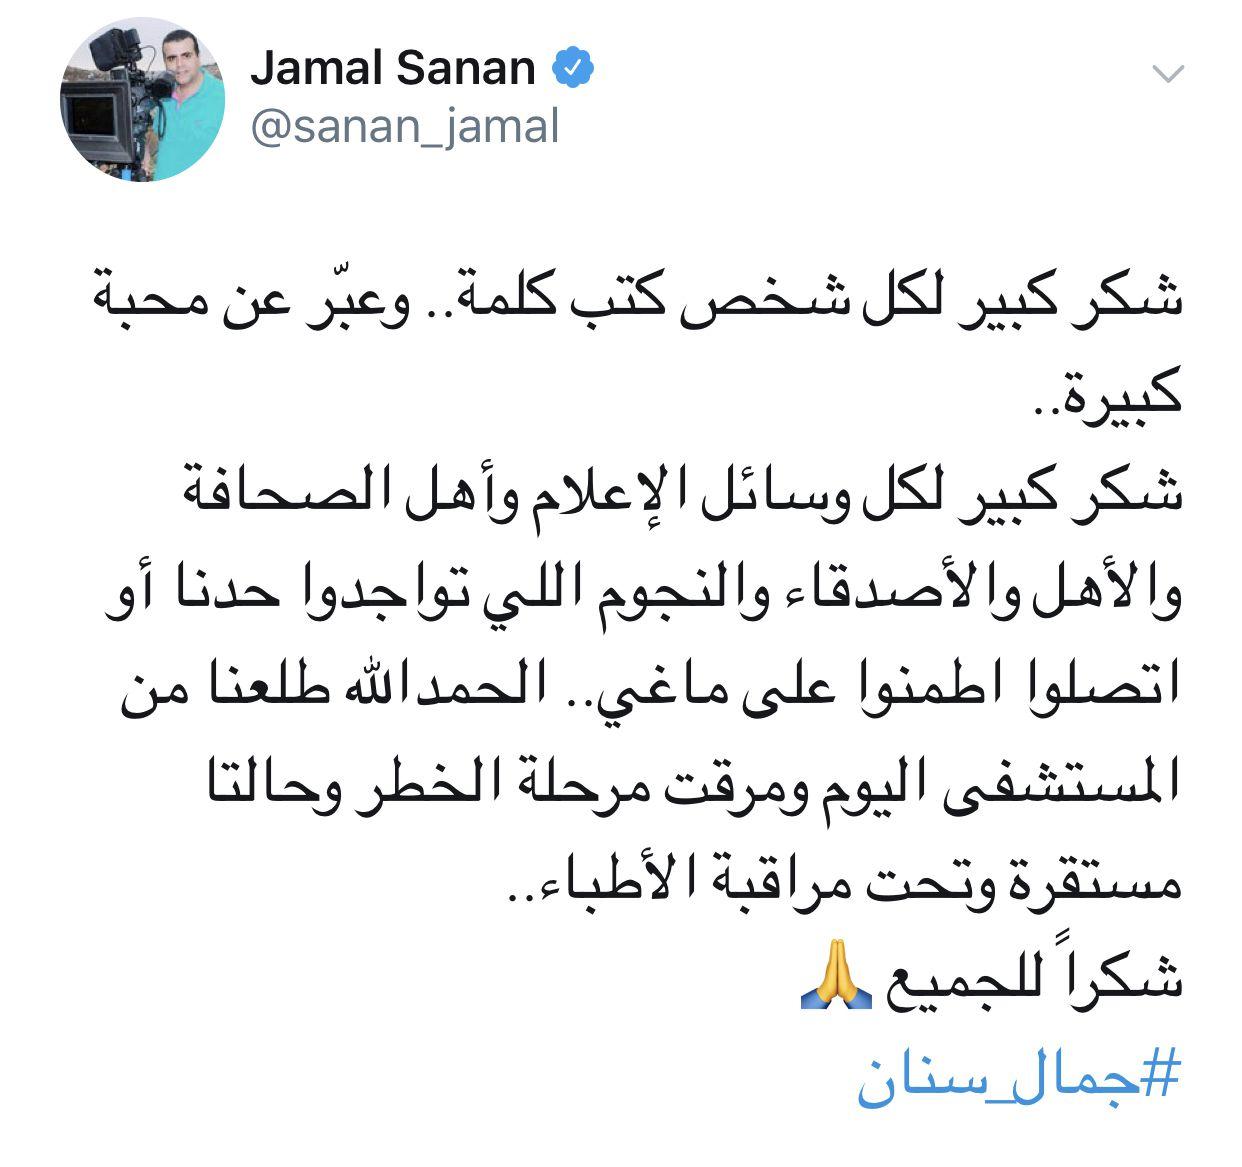 جمال سنان يؤكد ماغي بخير